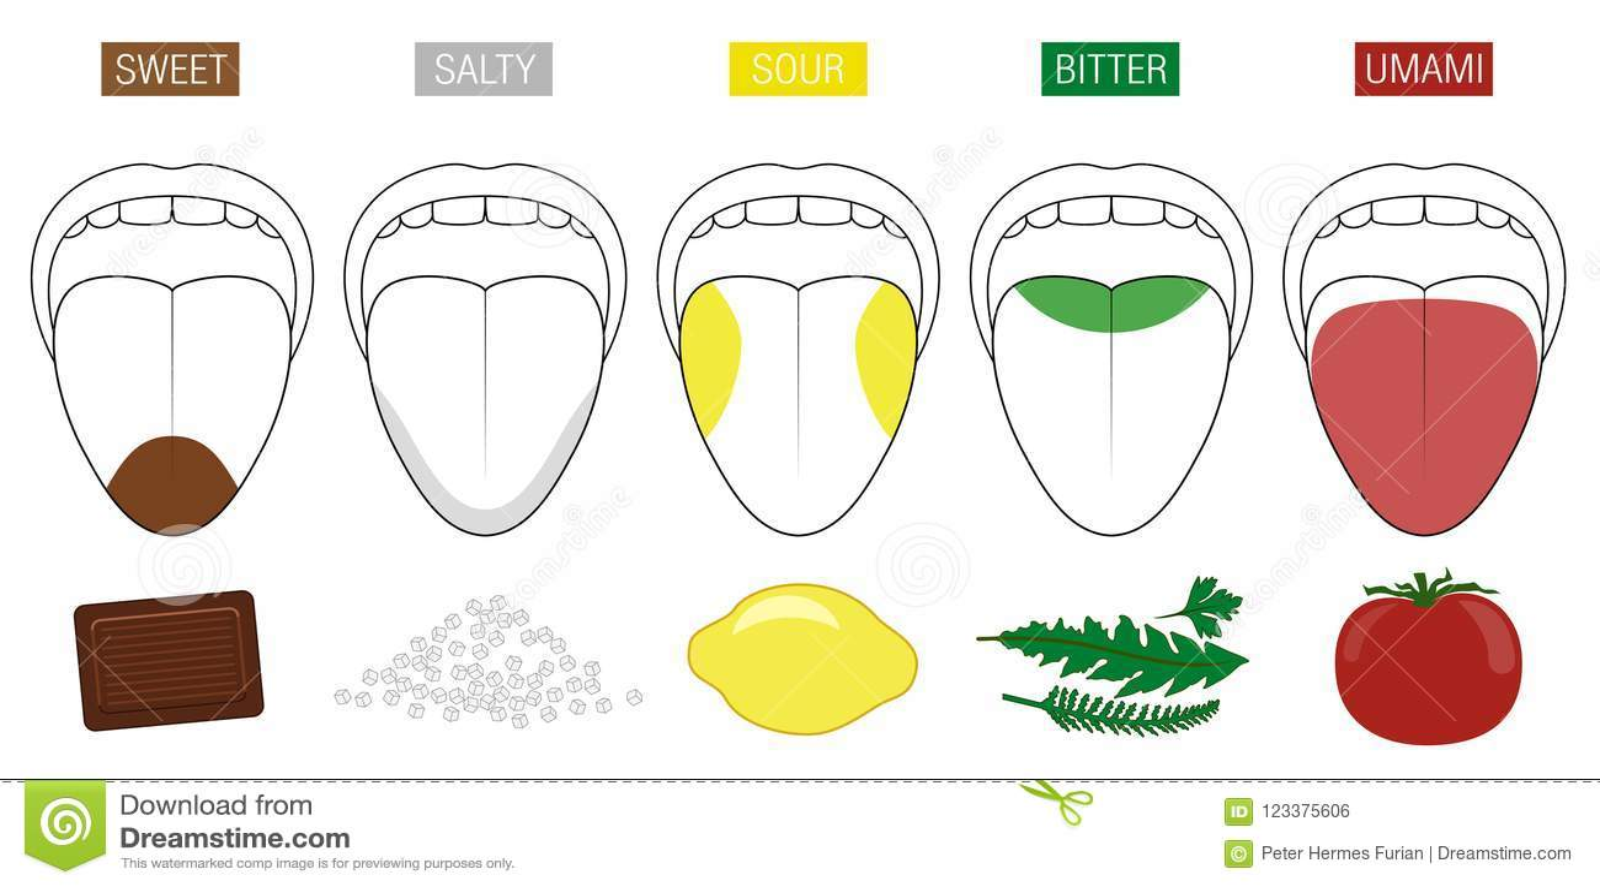 Tongue Taste Areas Food Illustration Stock Vector ...